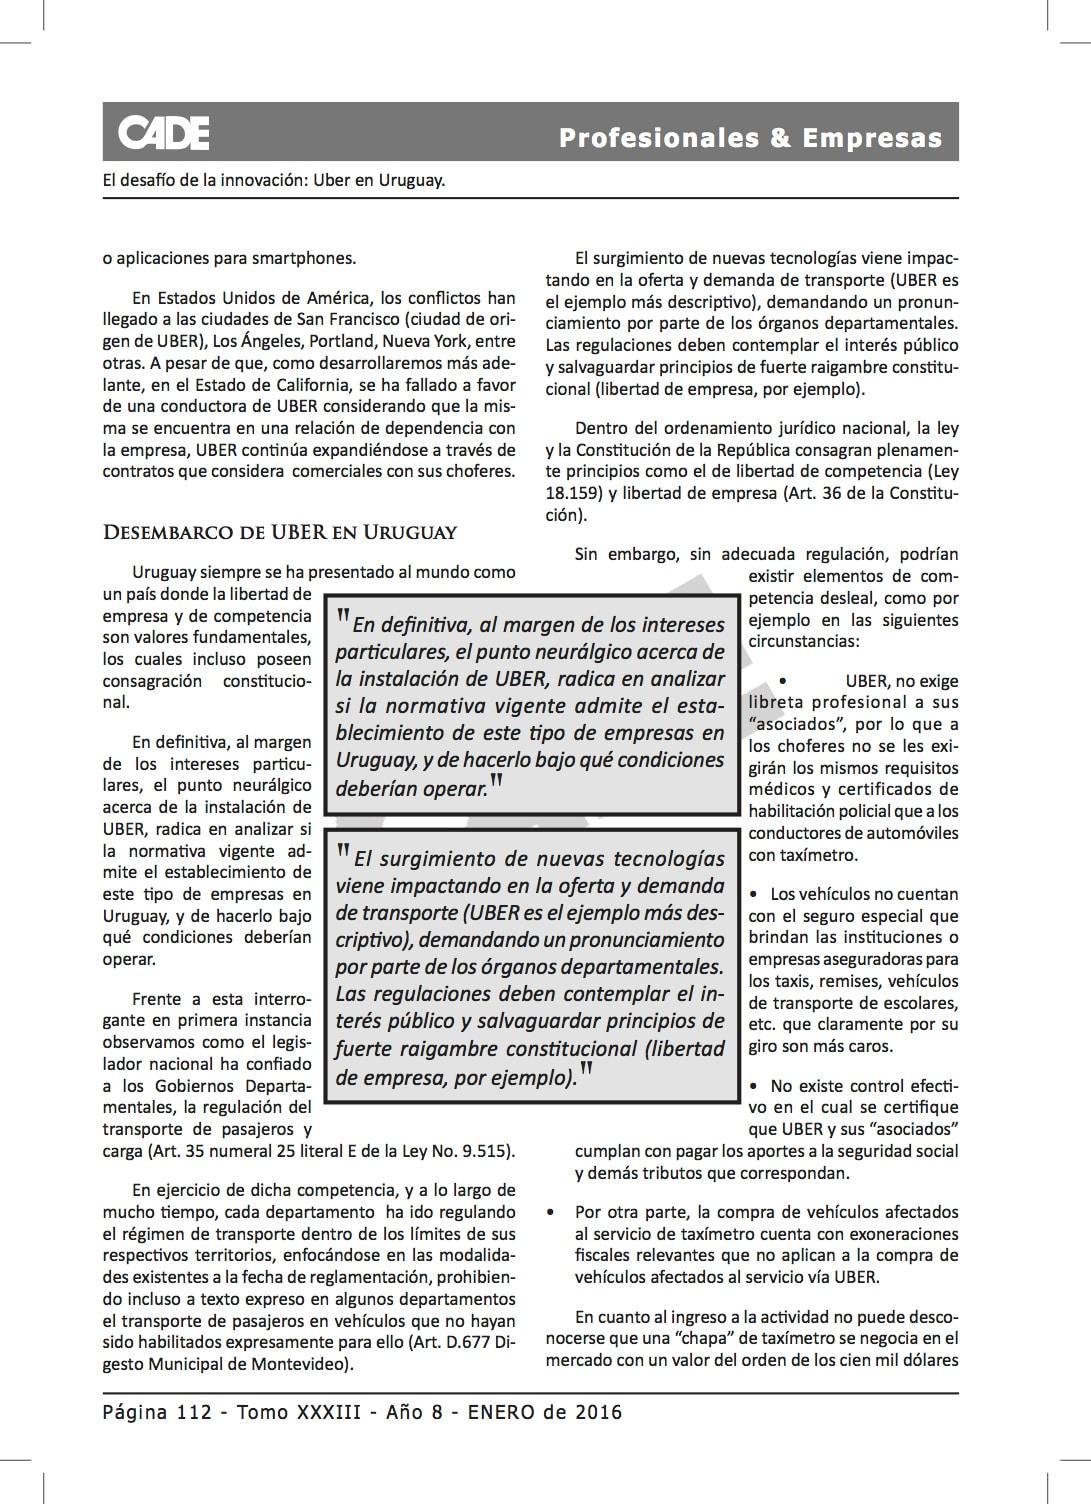 2 PROF & EMP. TOMO XXXIII UBER - SALDAIN